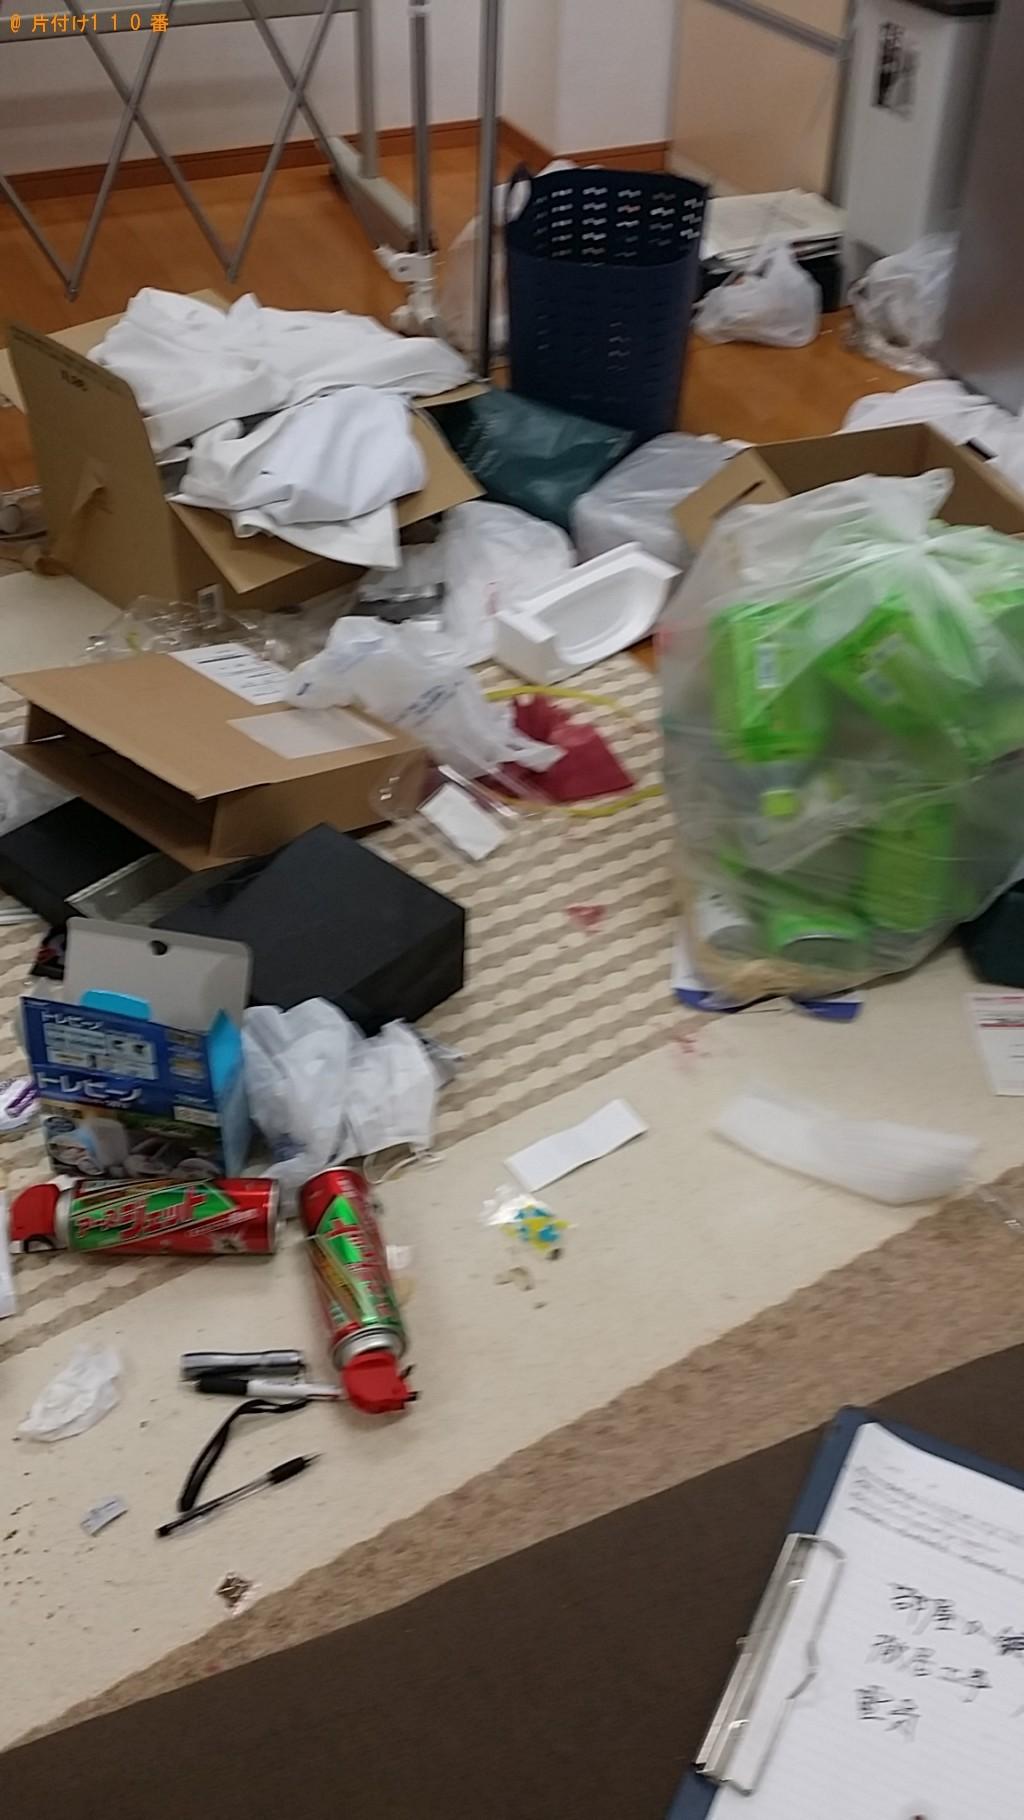 【出水市】部屋の片付け、不用品処分、ハウスクリーニングのご依頼